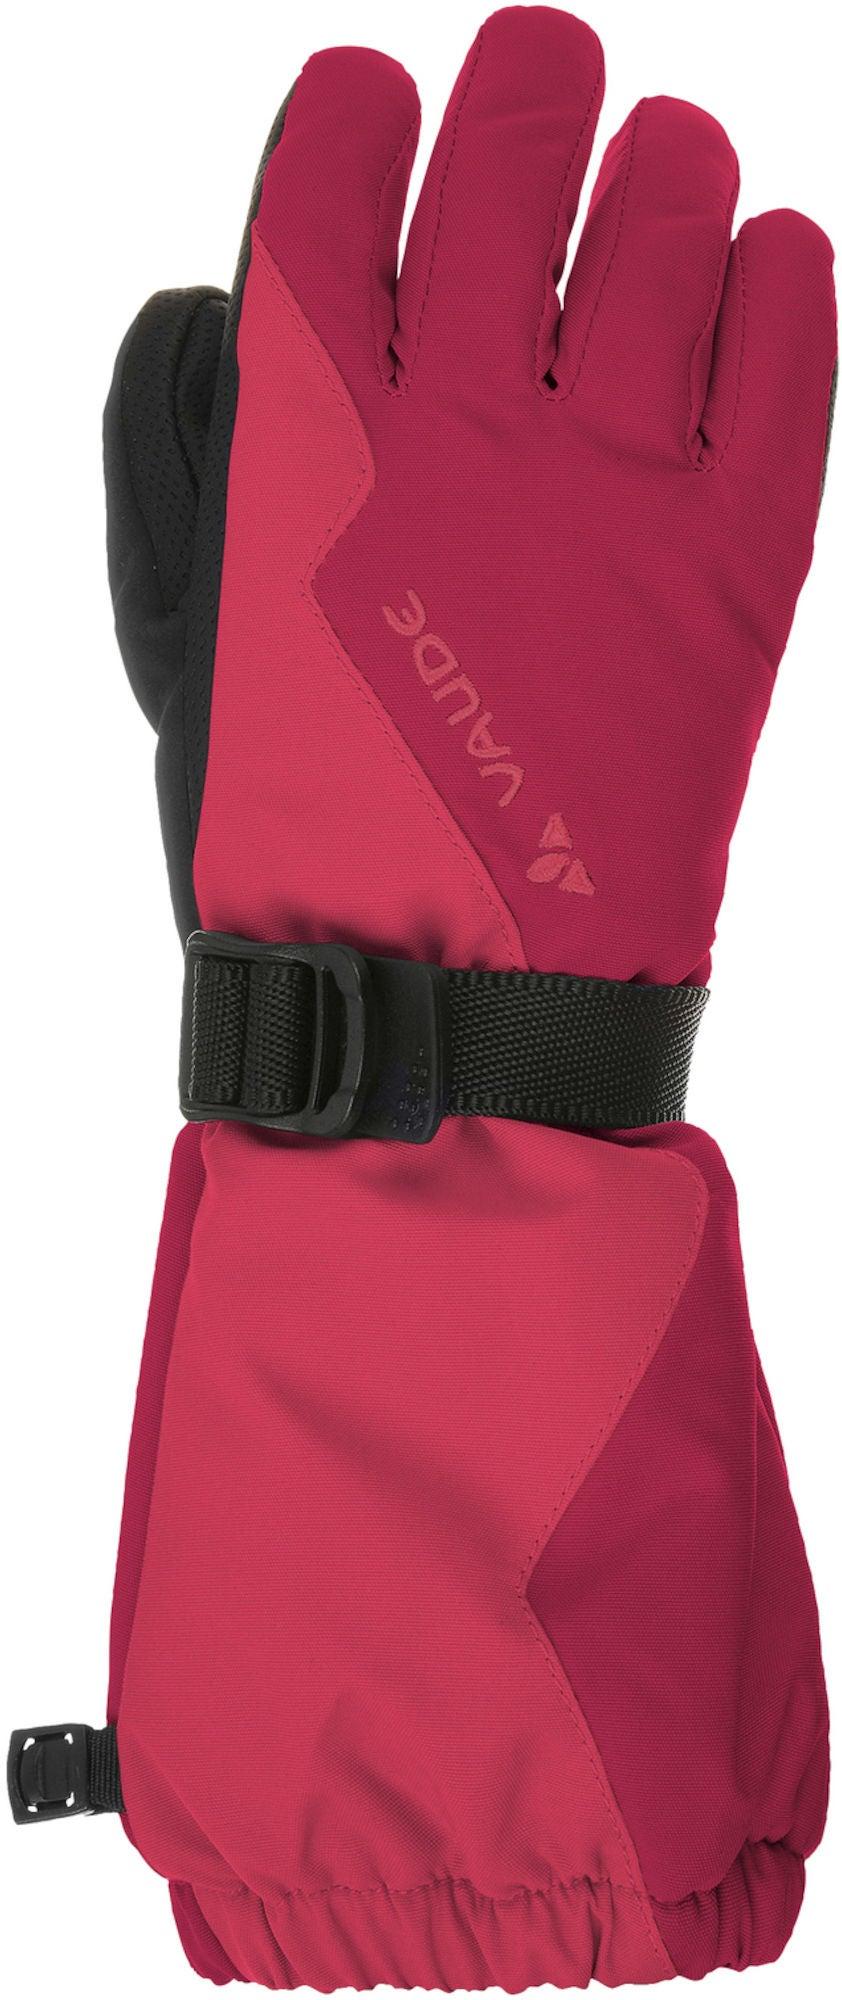 Vaude Kids Snow Cup Gloves Handske, Bright Pink L